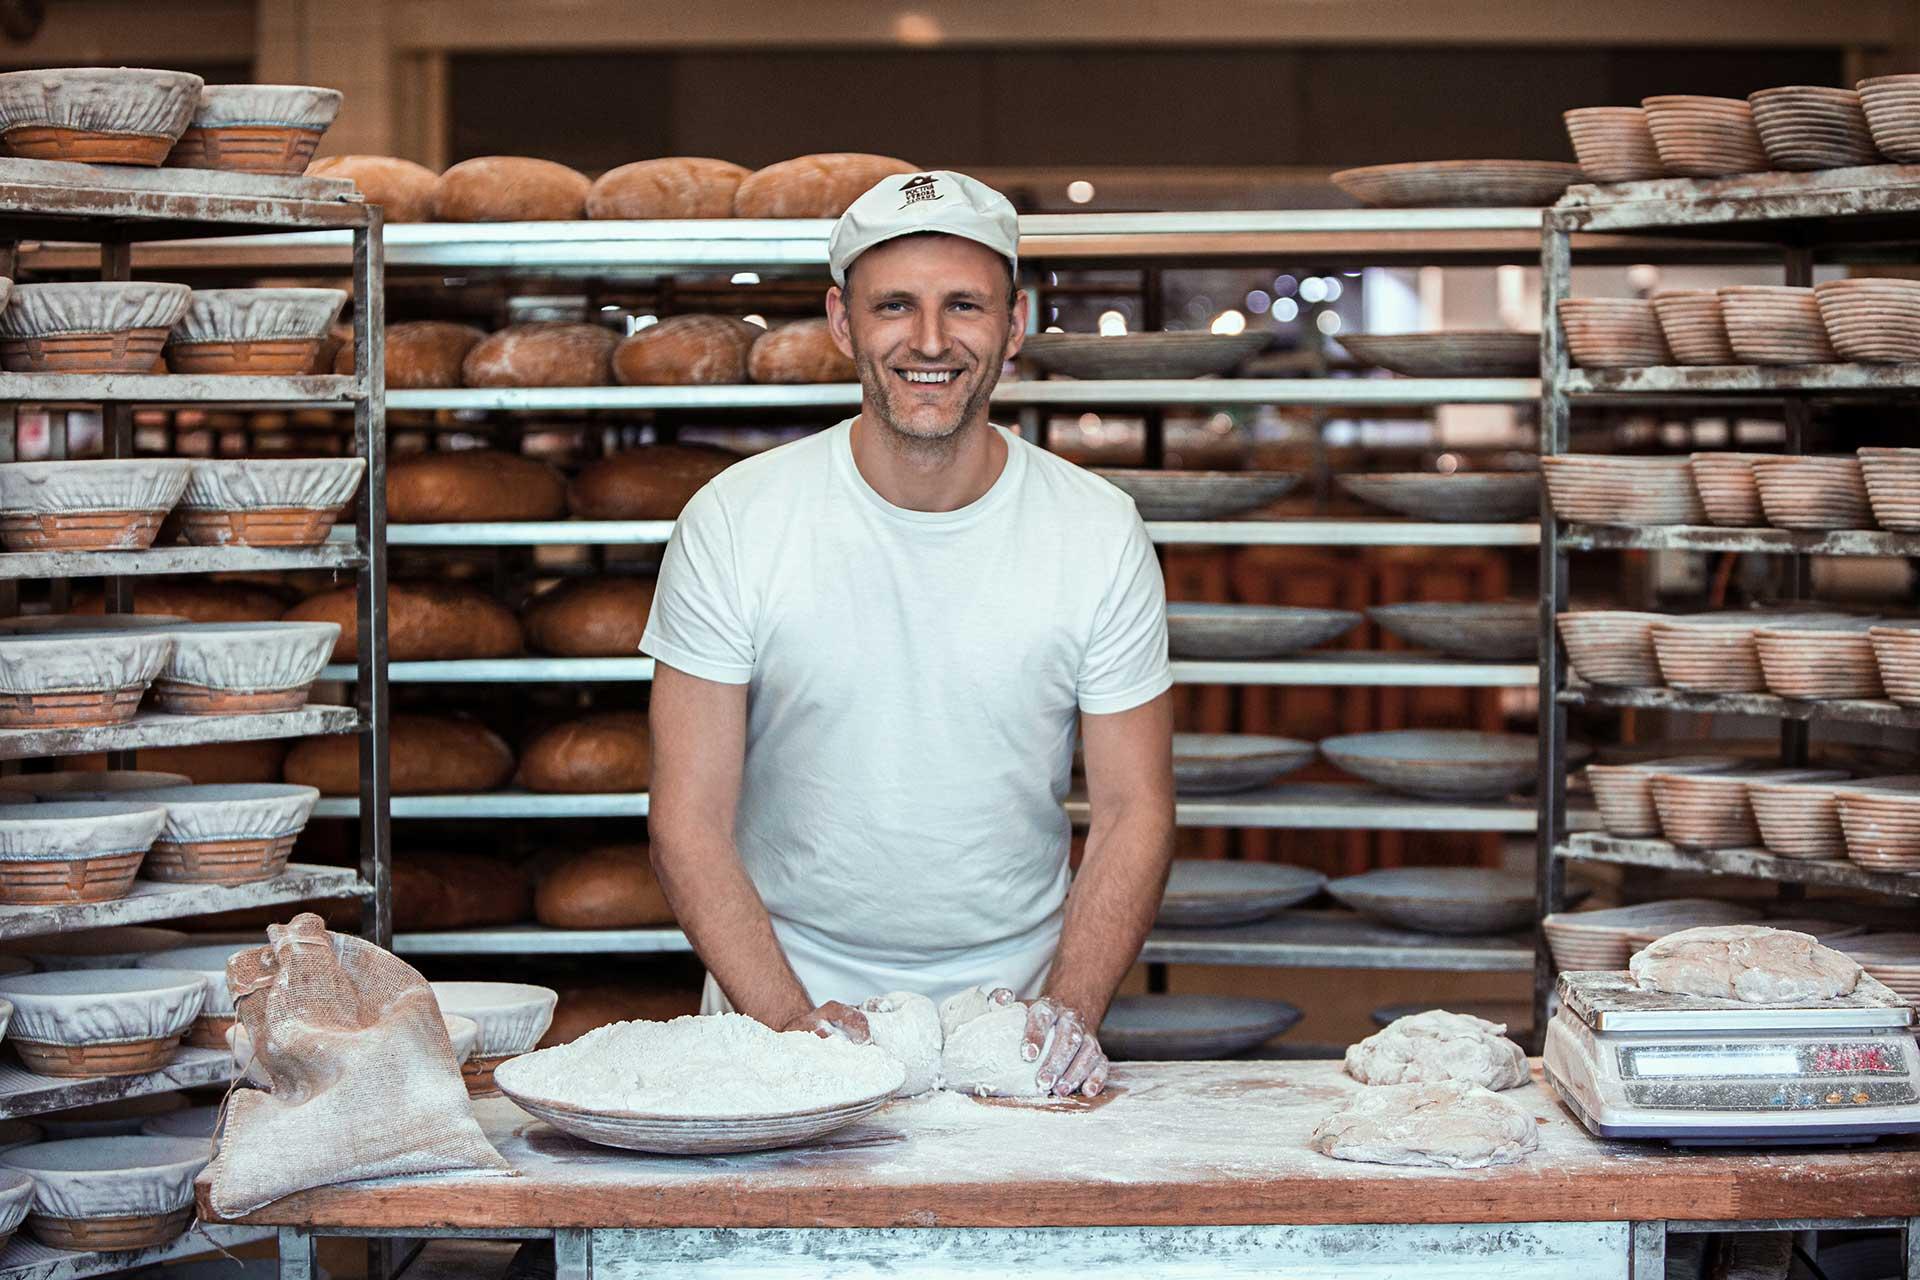 Chleba je základ pekárny, podle něj poznáte dobrého pekaře